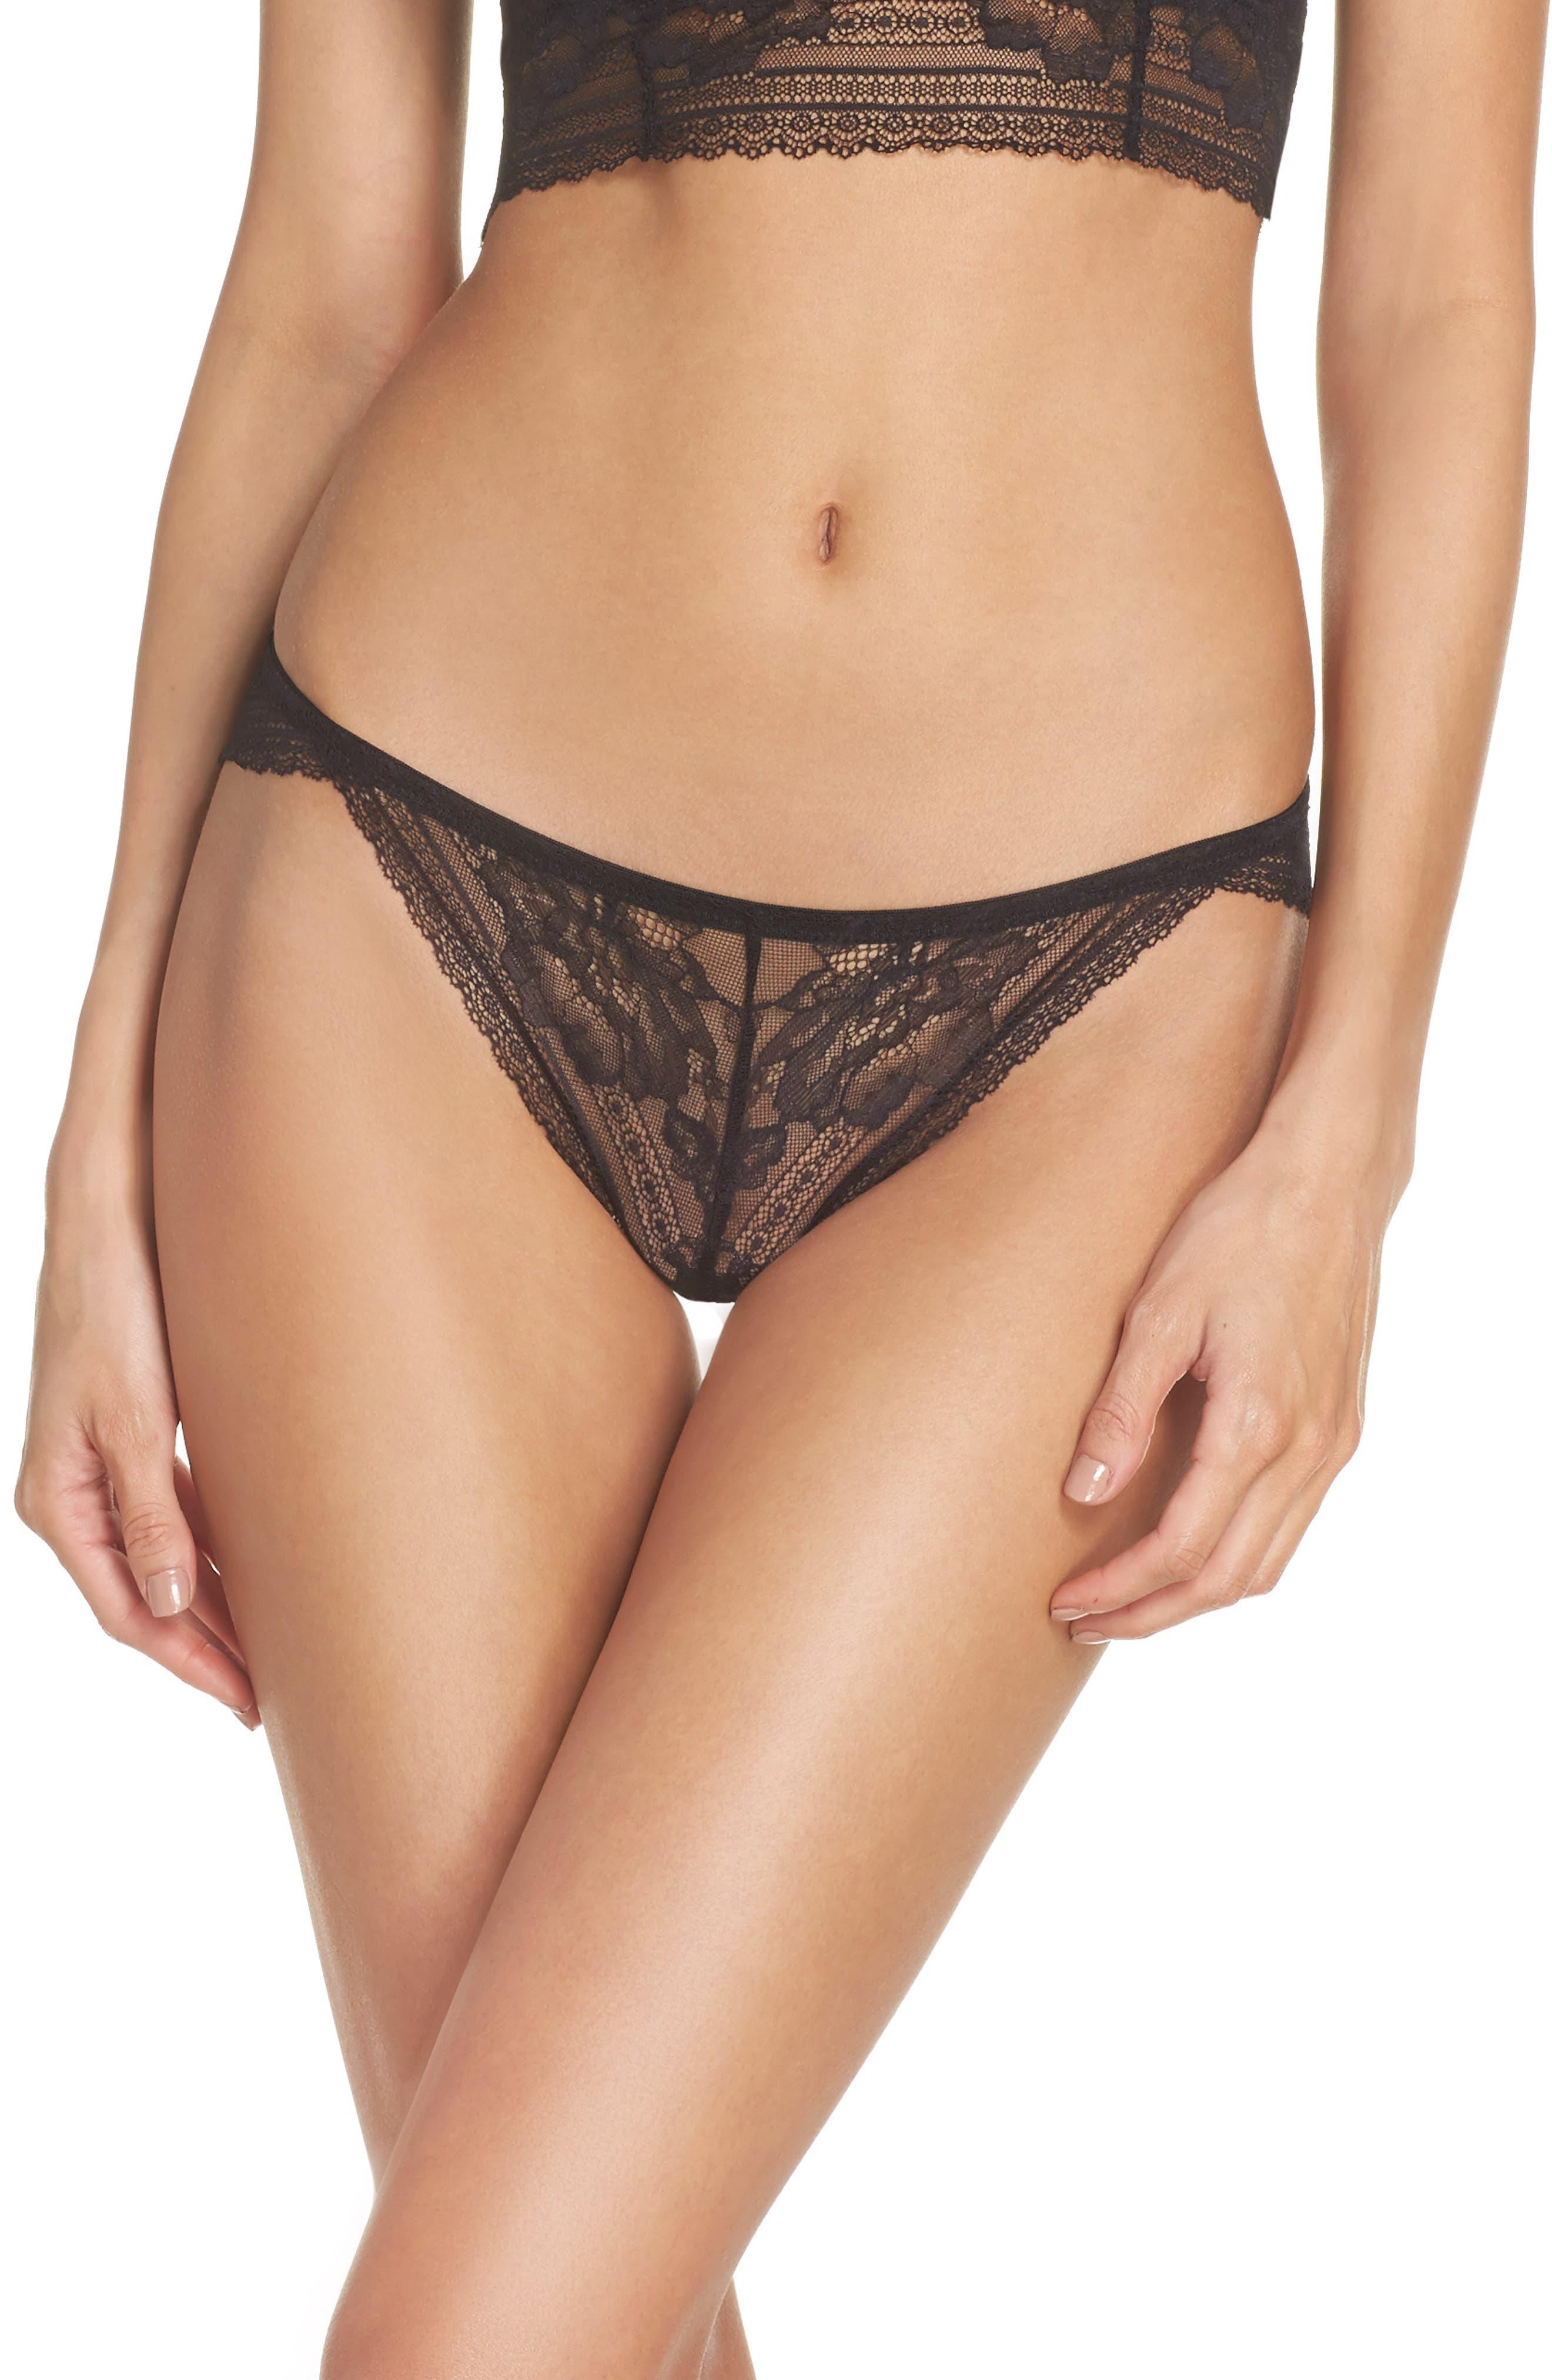 Intimately FP Sorento Lace Bikini,                             Main thumbnail 1, color,                             Black